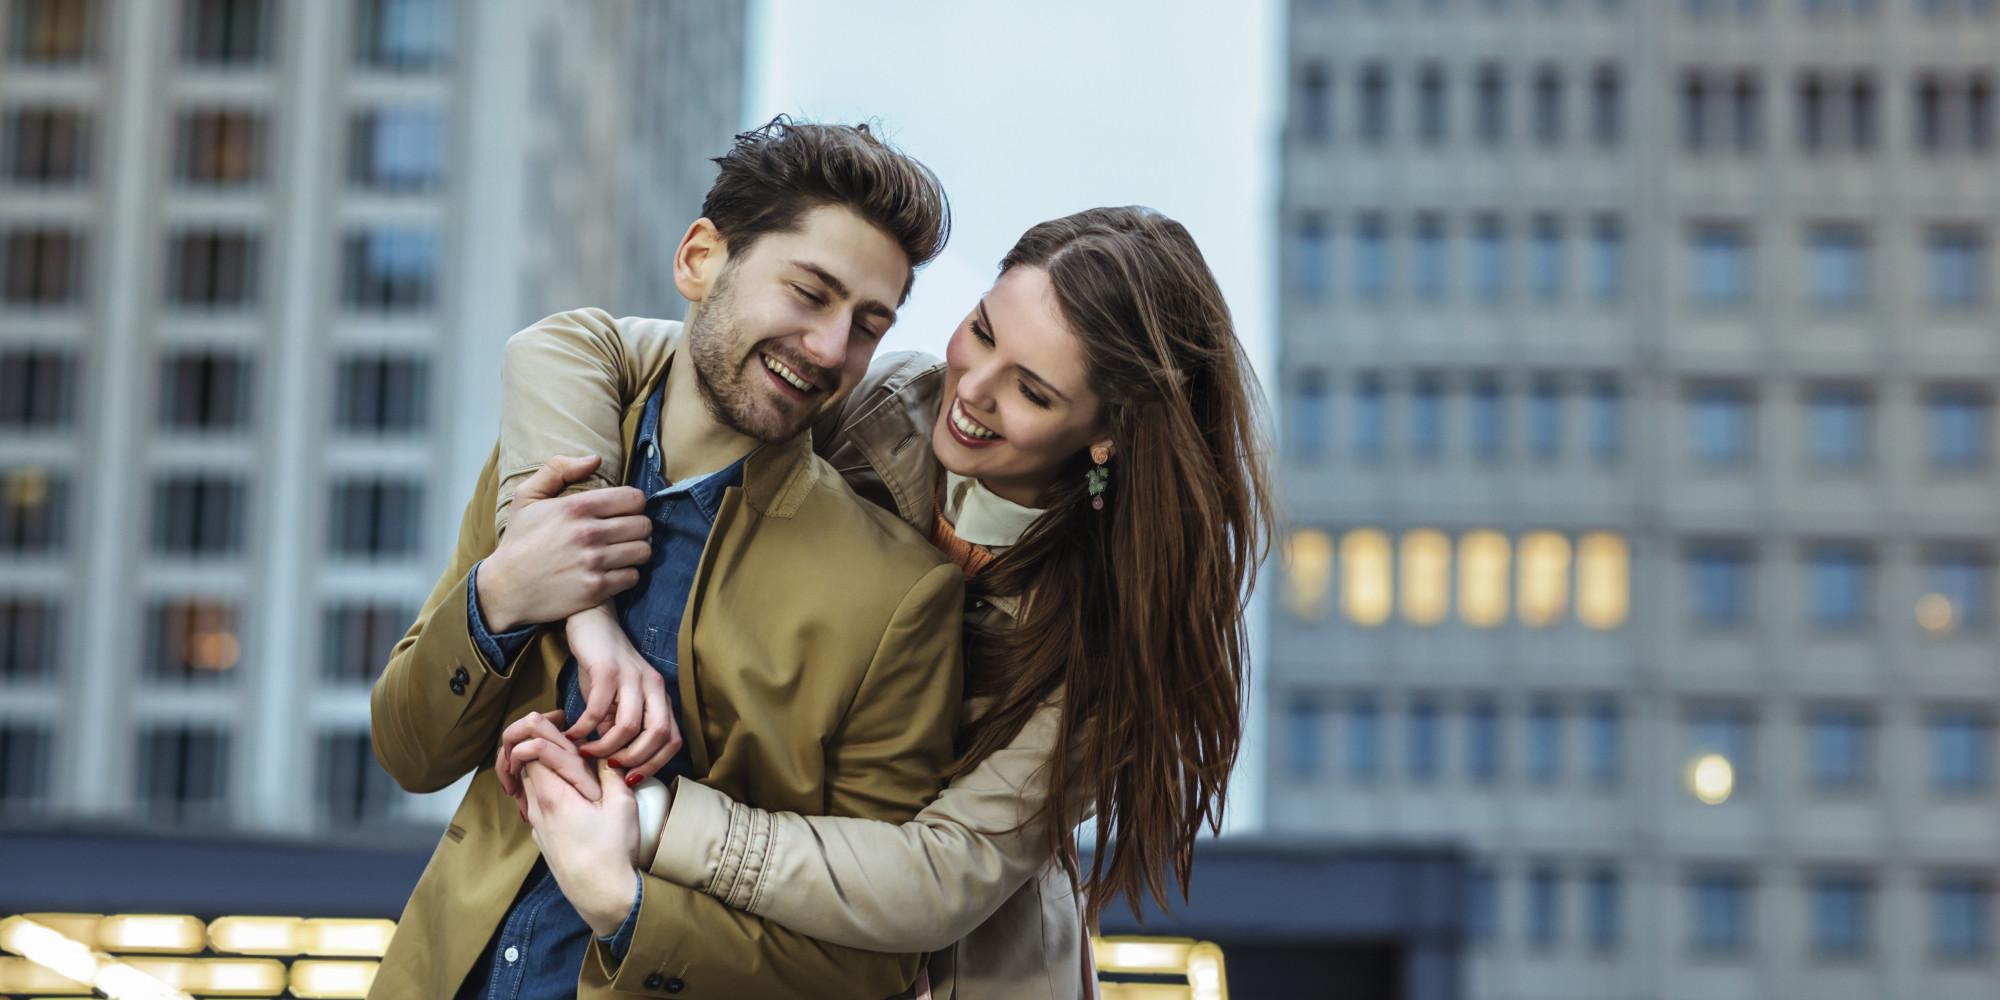 11-dieu-quan-trong-trong-mot-moi-quan-he1-elleman 10 điều quan trọng cần vung đắp trong một mối quan hệ